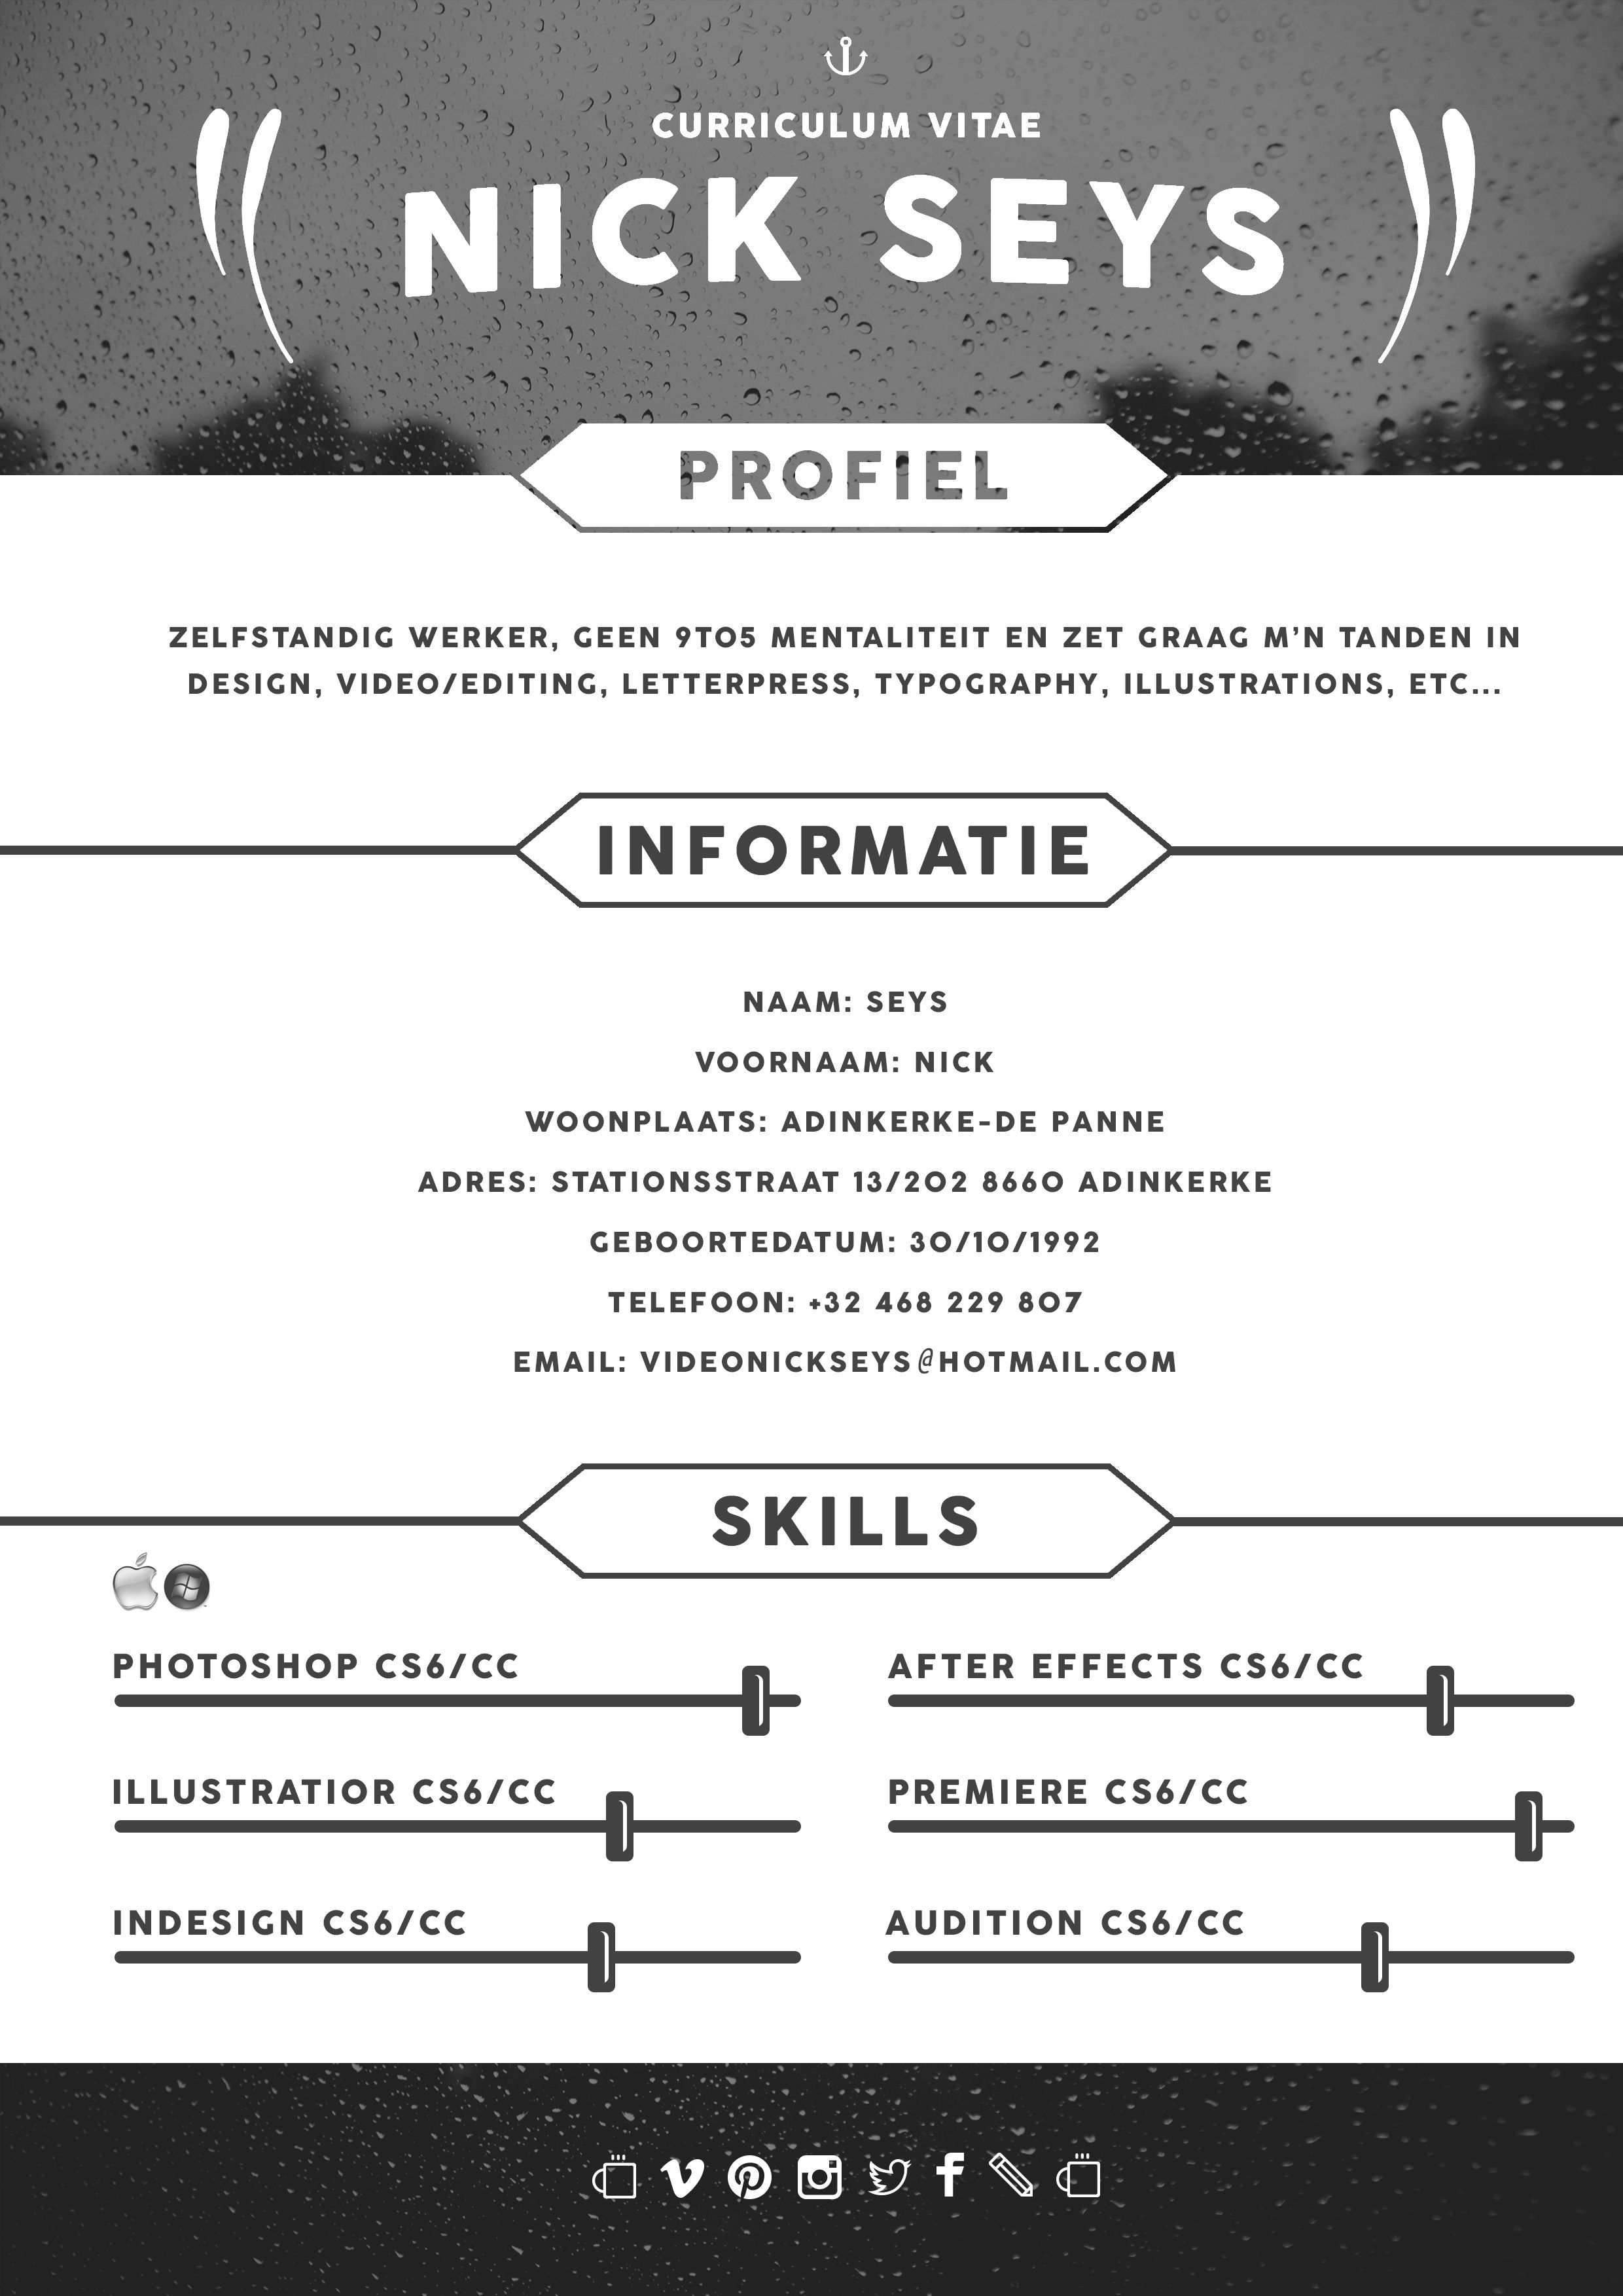 Curriculum Vitae - 2015 - Graphic - Design - CV | Portfolio 2014 ...